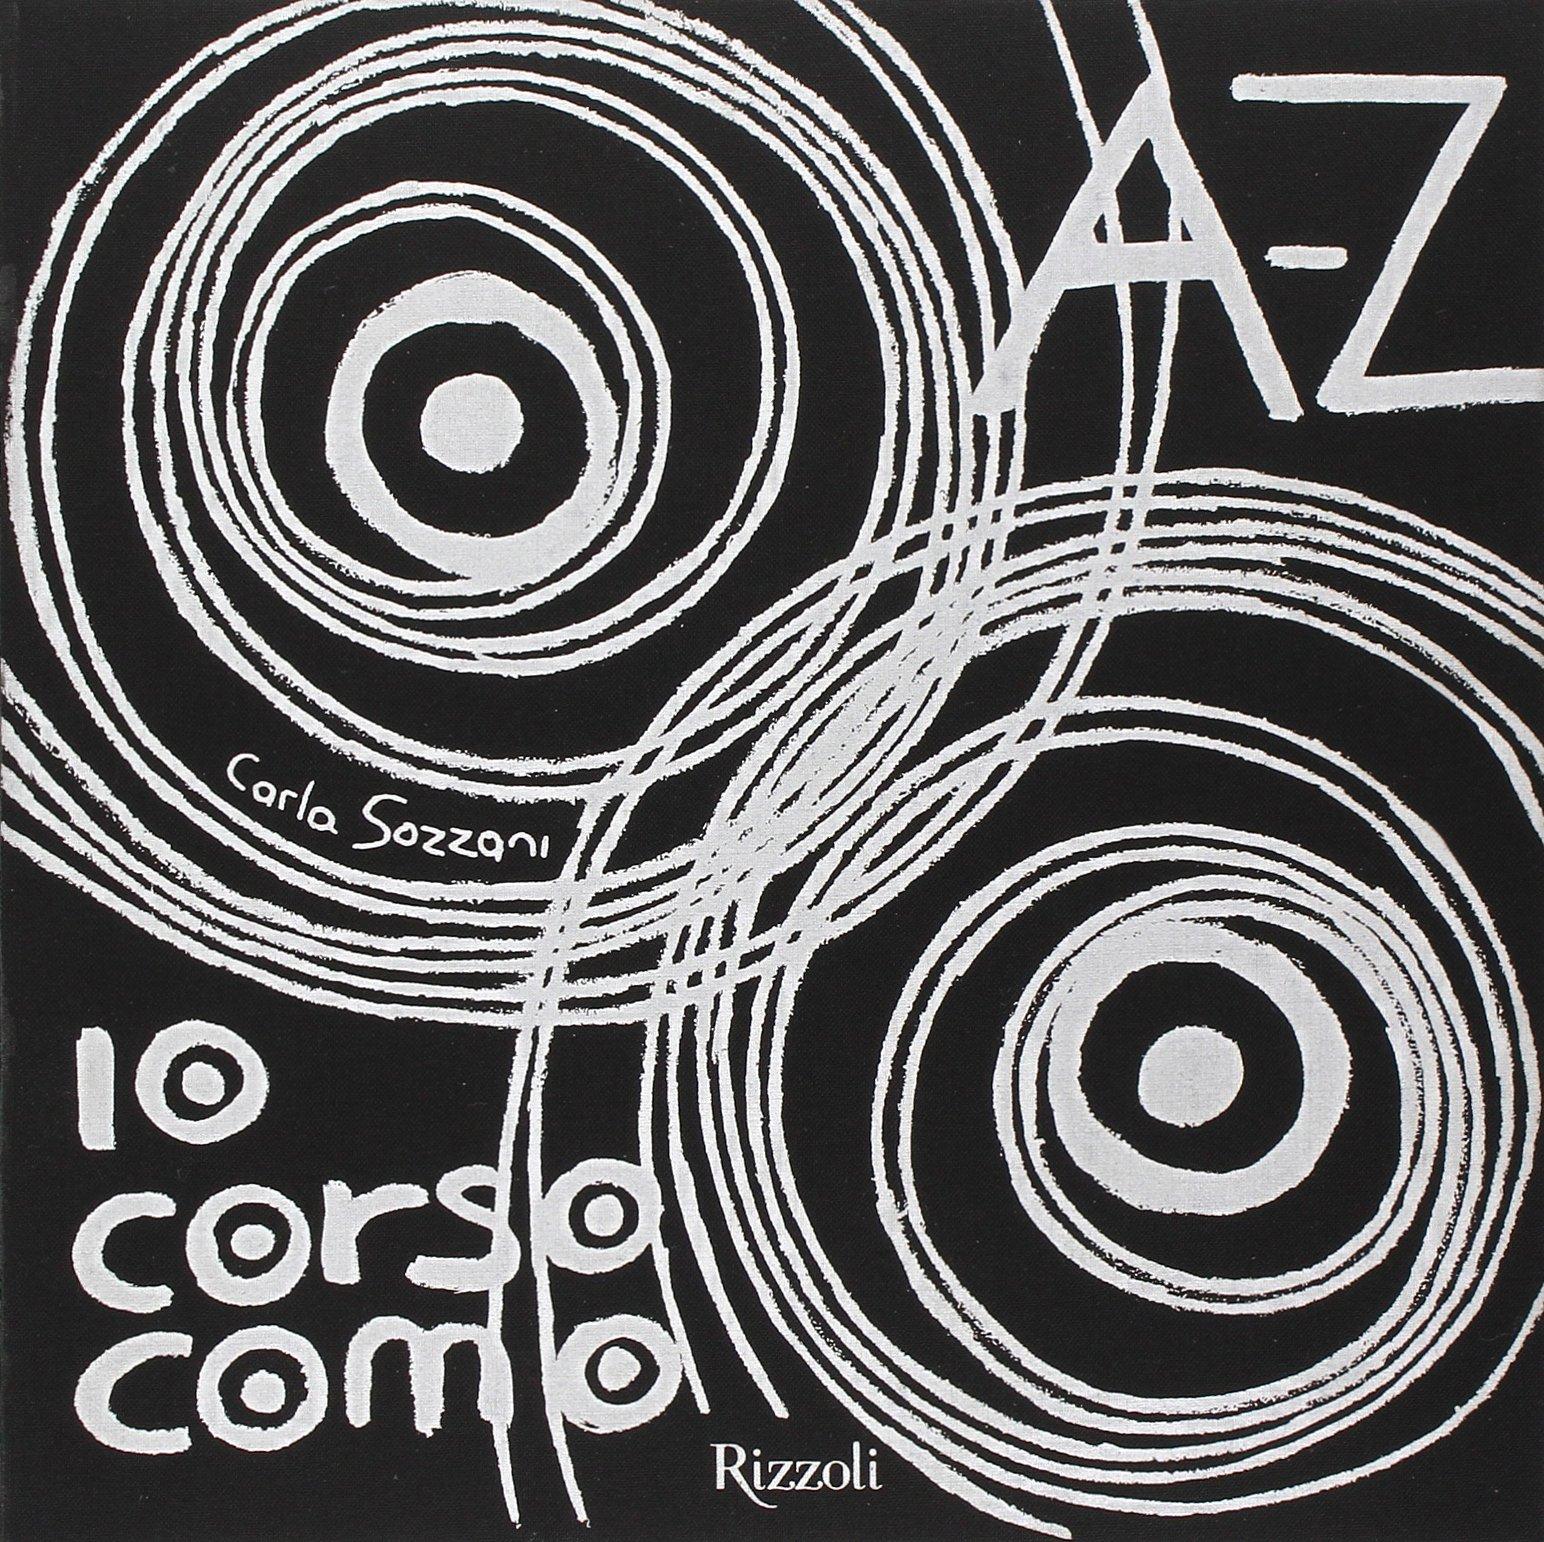 10 Corso Como from A to Z